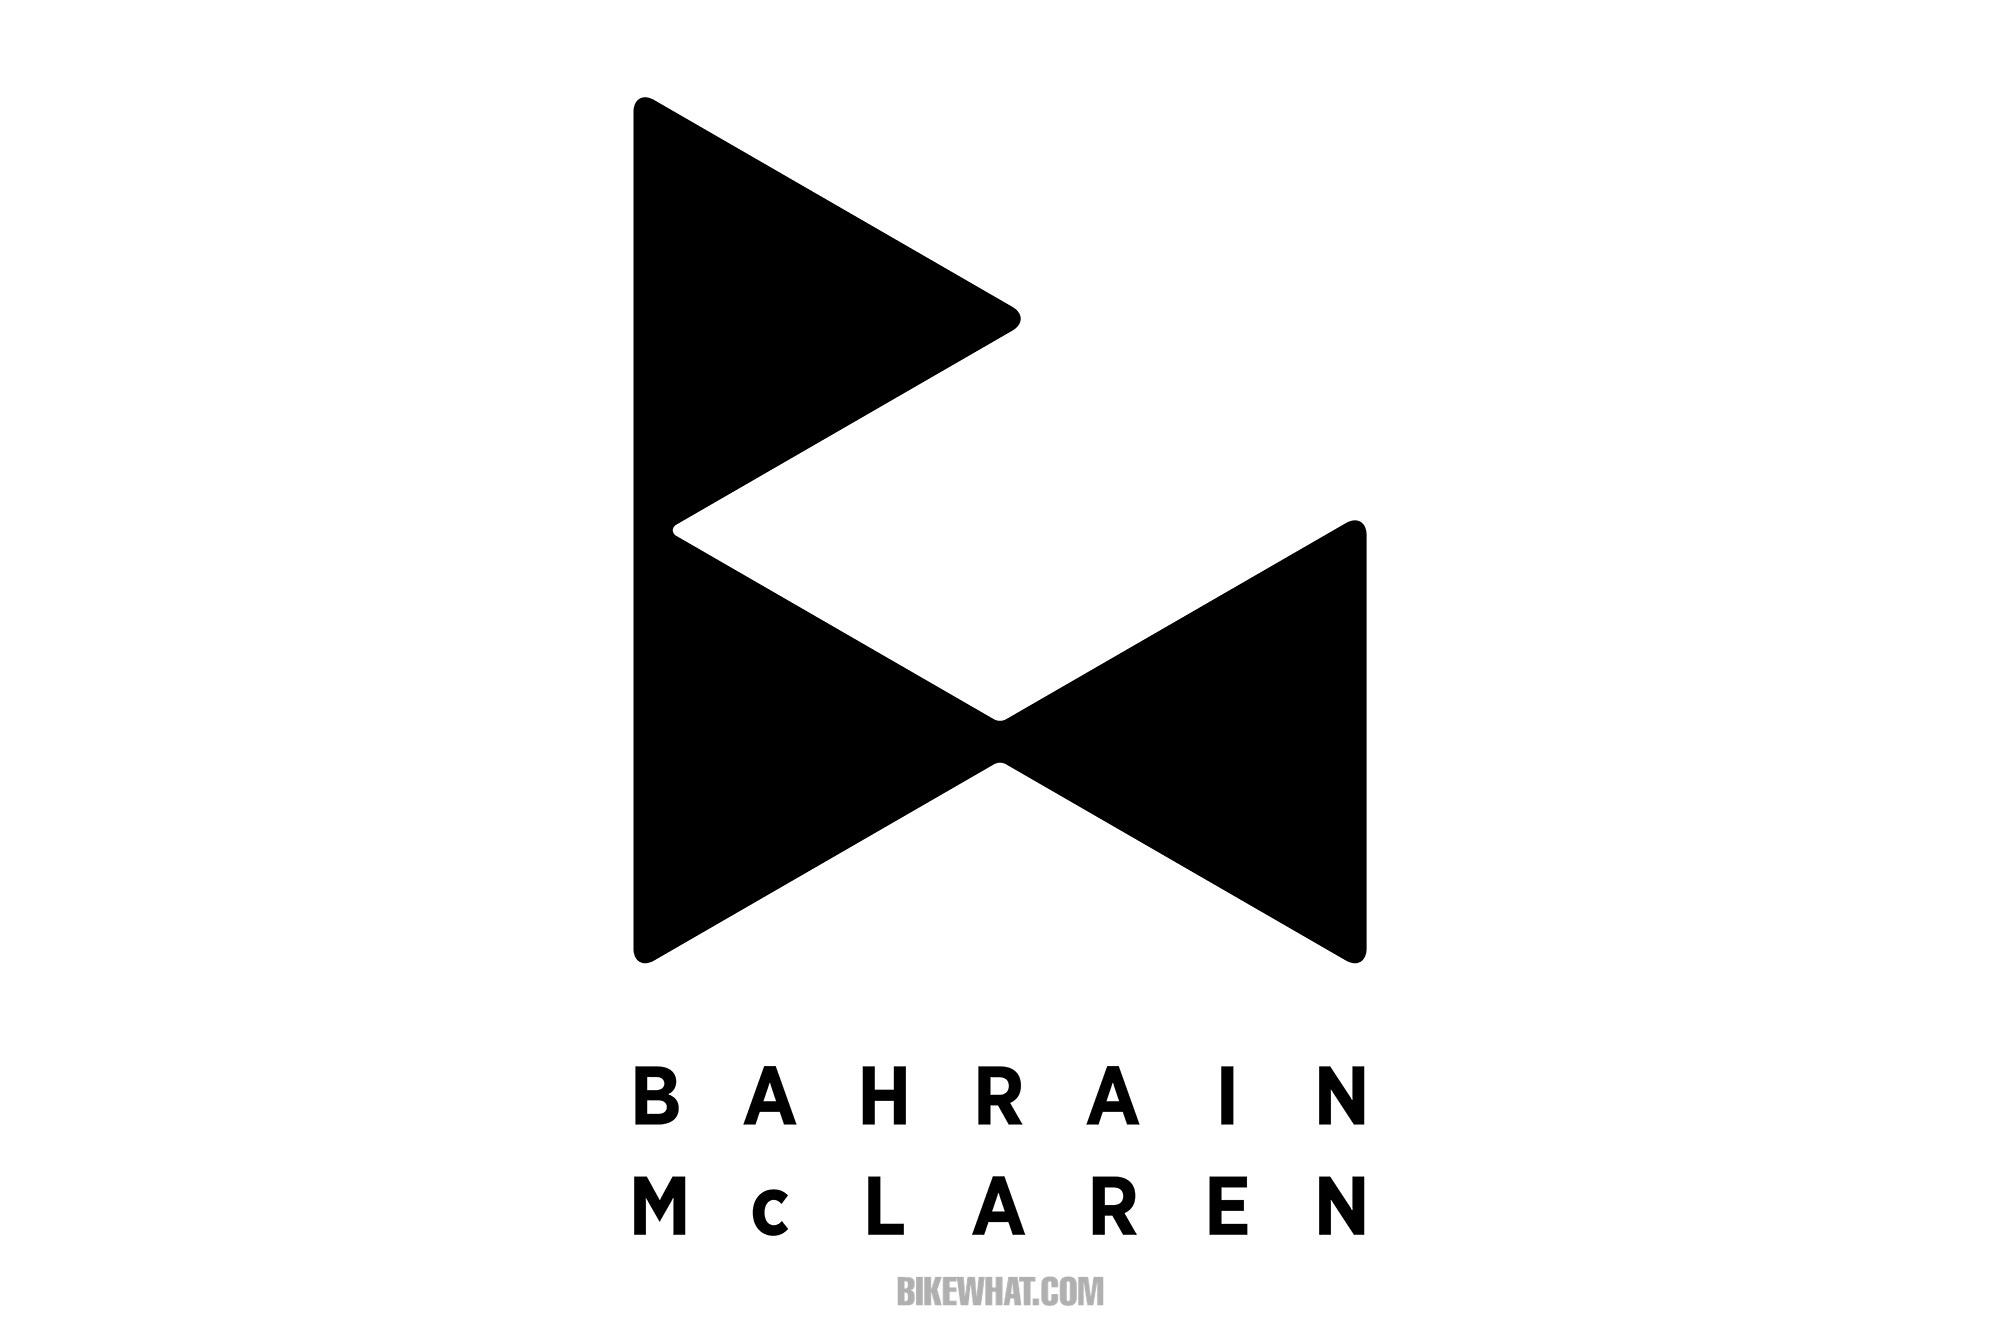 News_Barhrain_McLaren_8.jpg